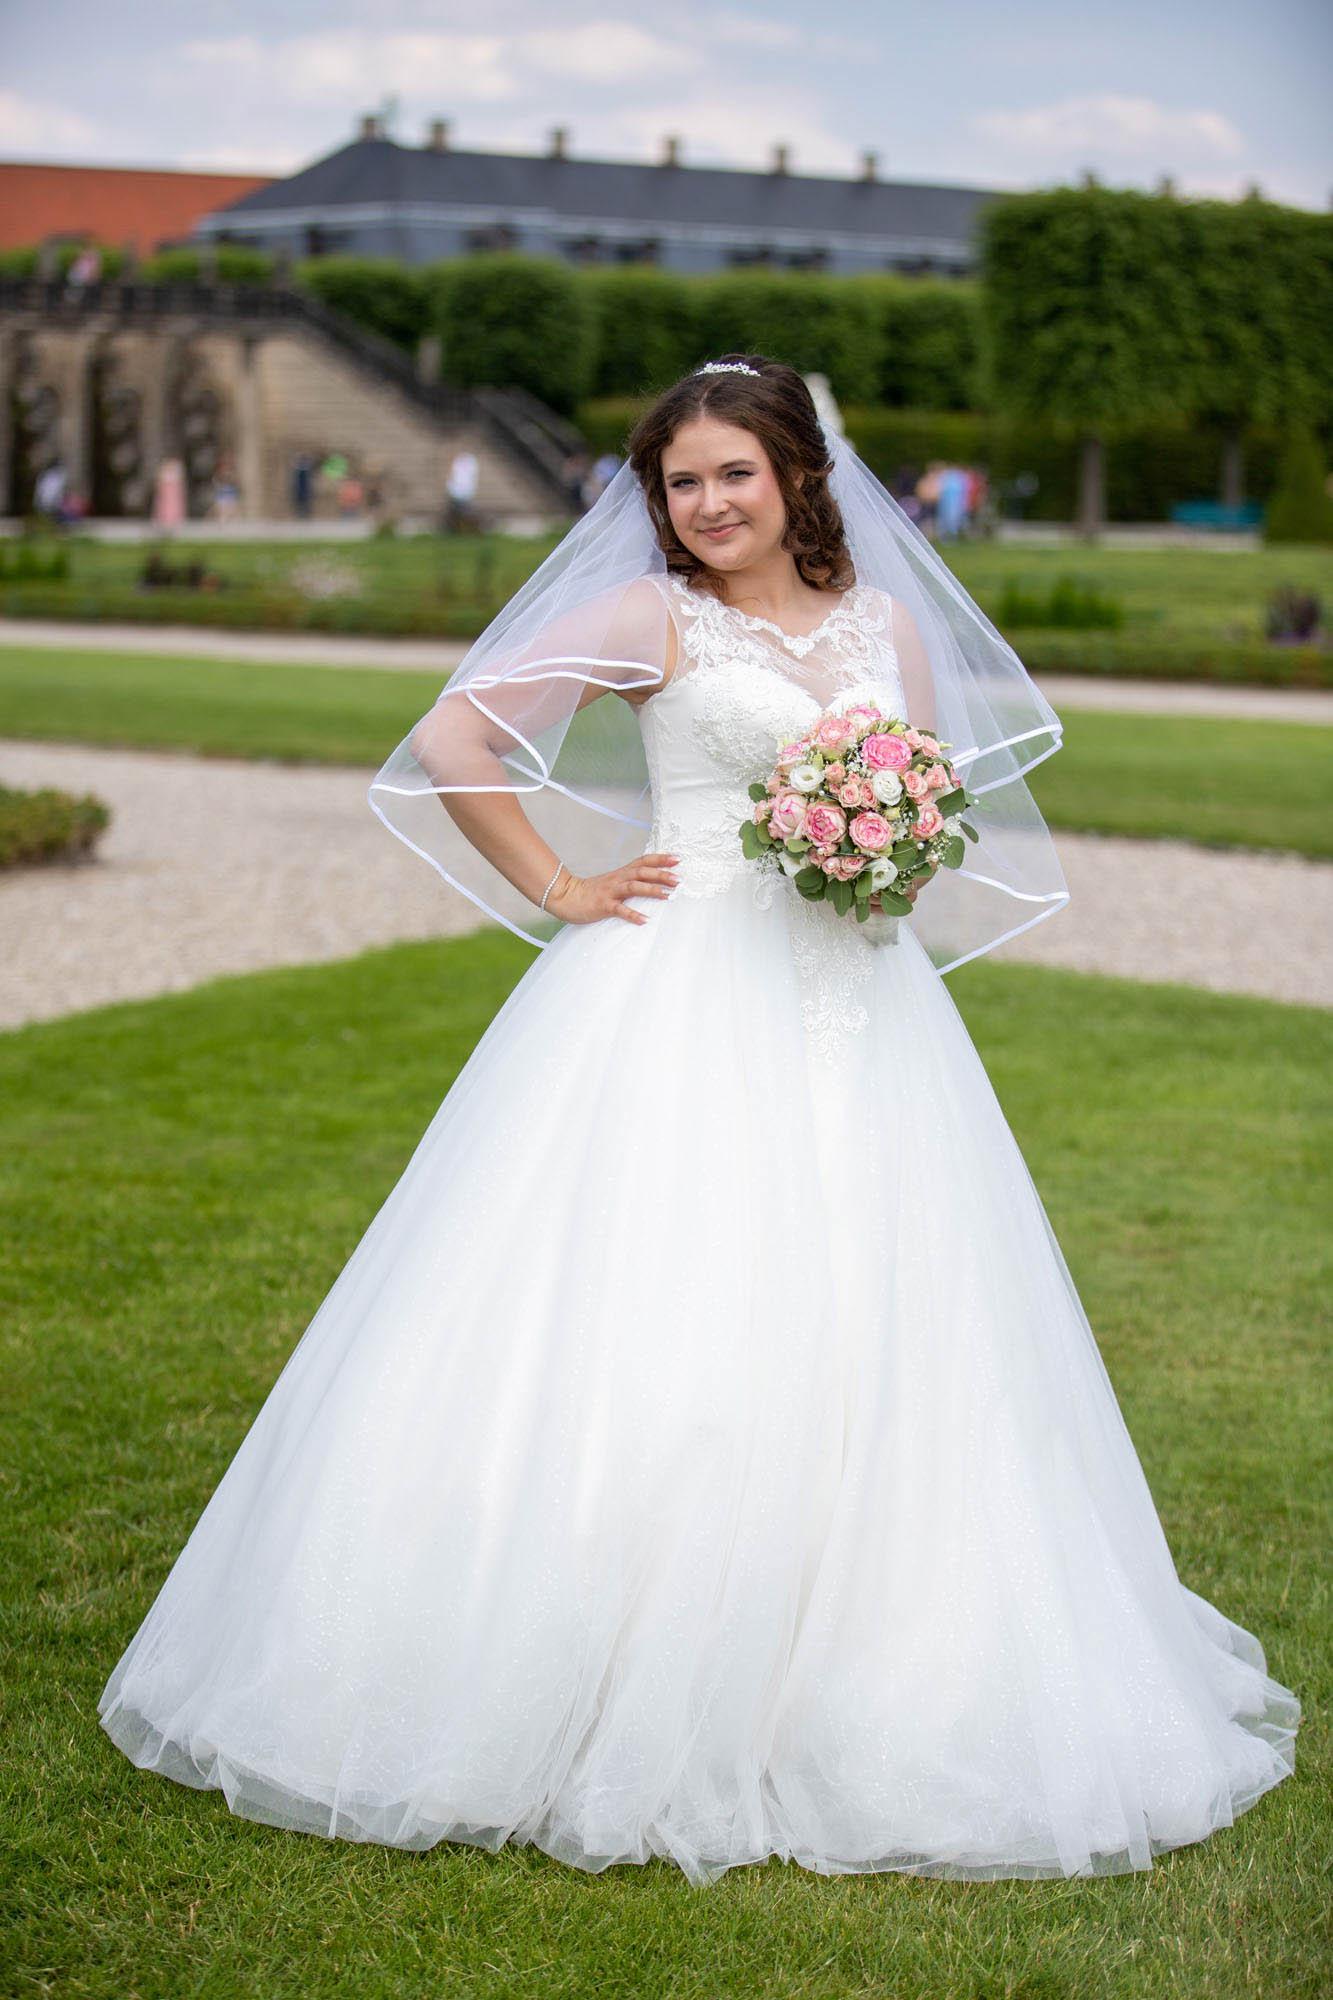 Hochzeitsfotos im Park in Hannover 7